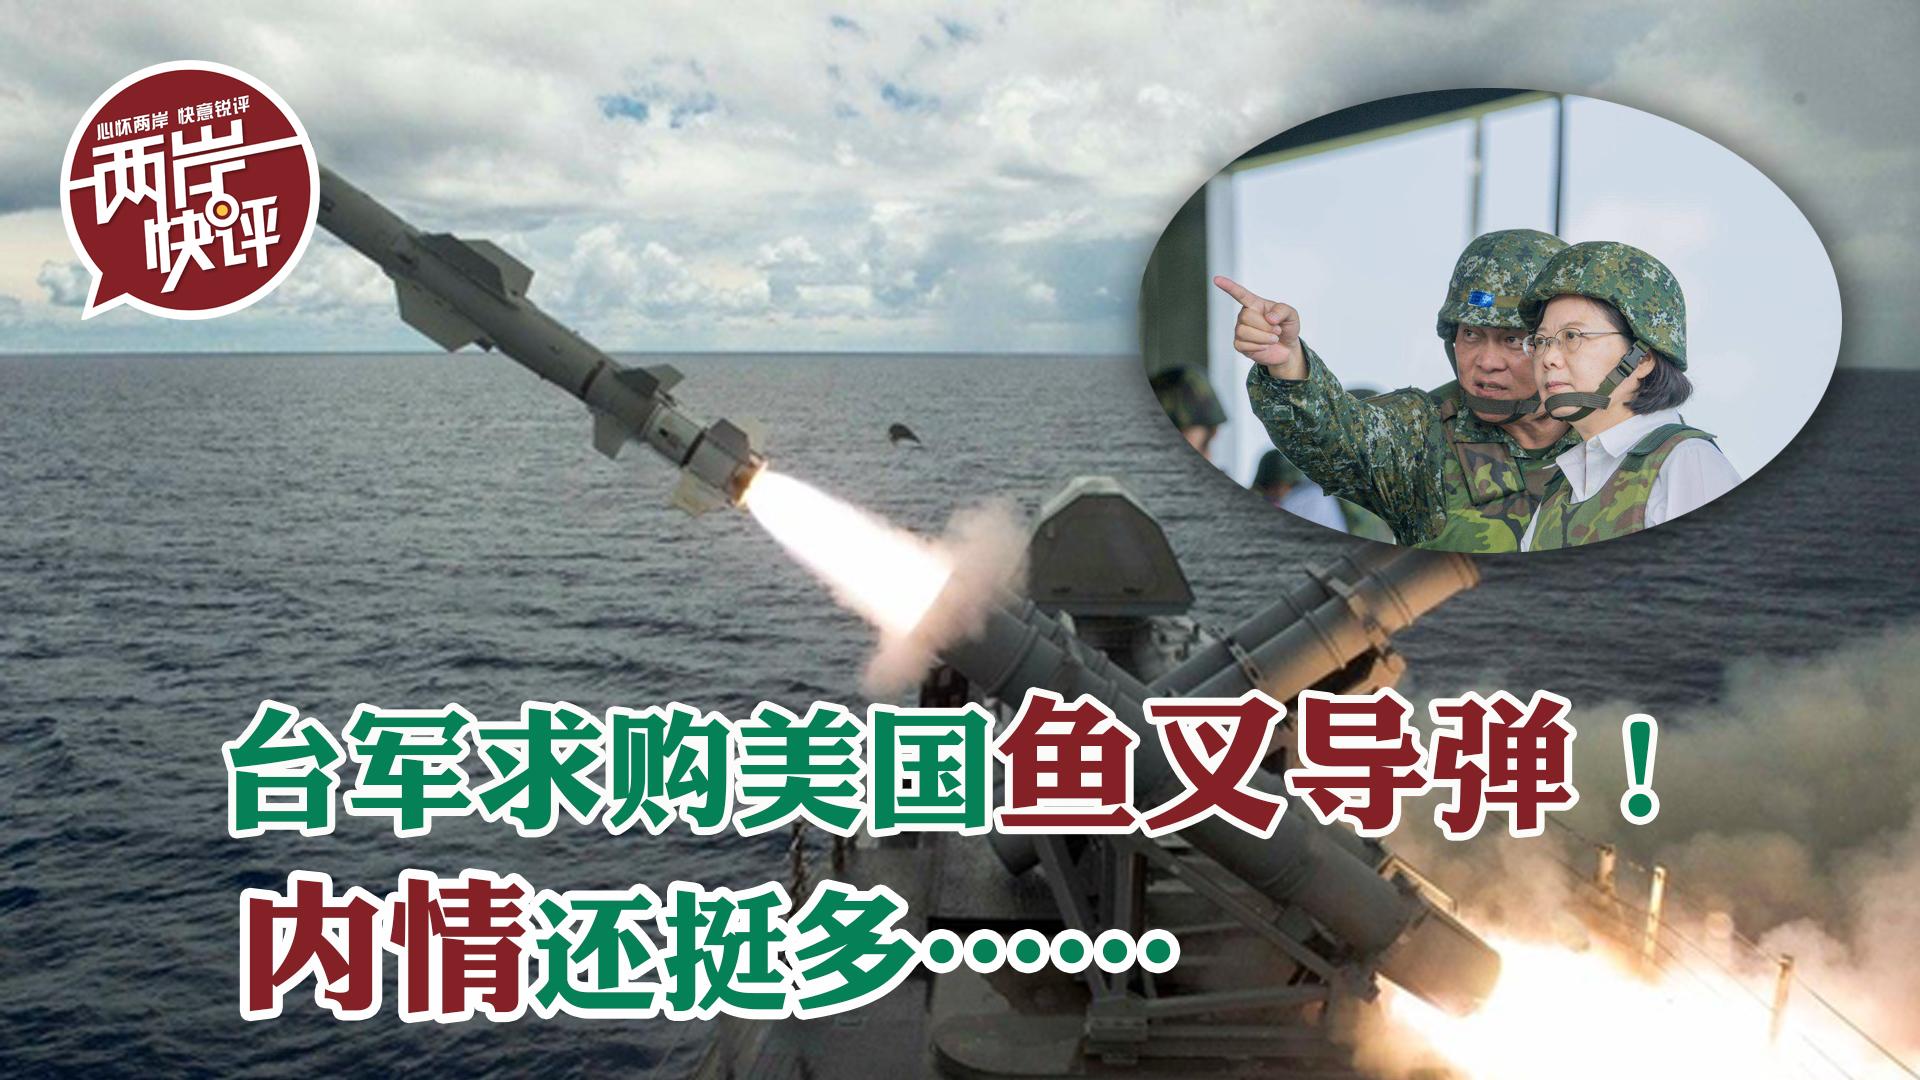 这么想跟大陆碰一碰?台军求购美国鱼叉导弹!内情还不少图片